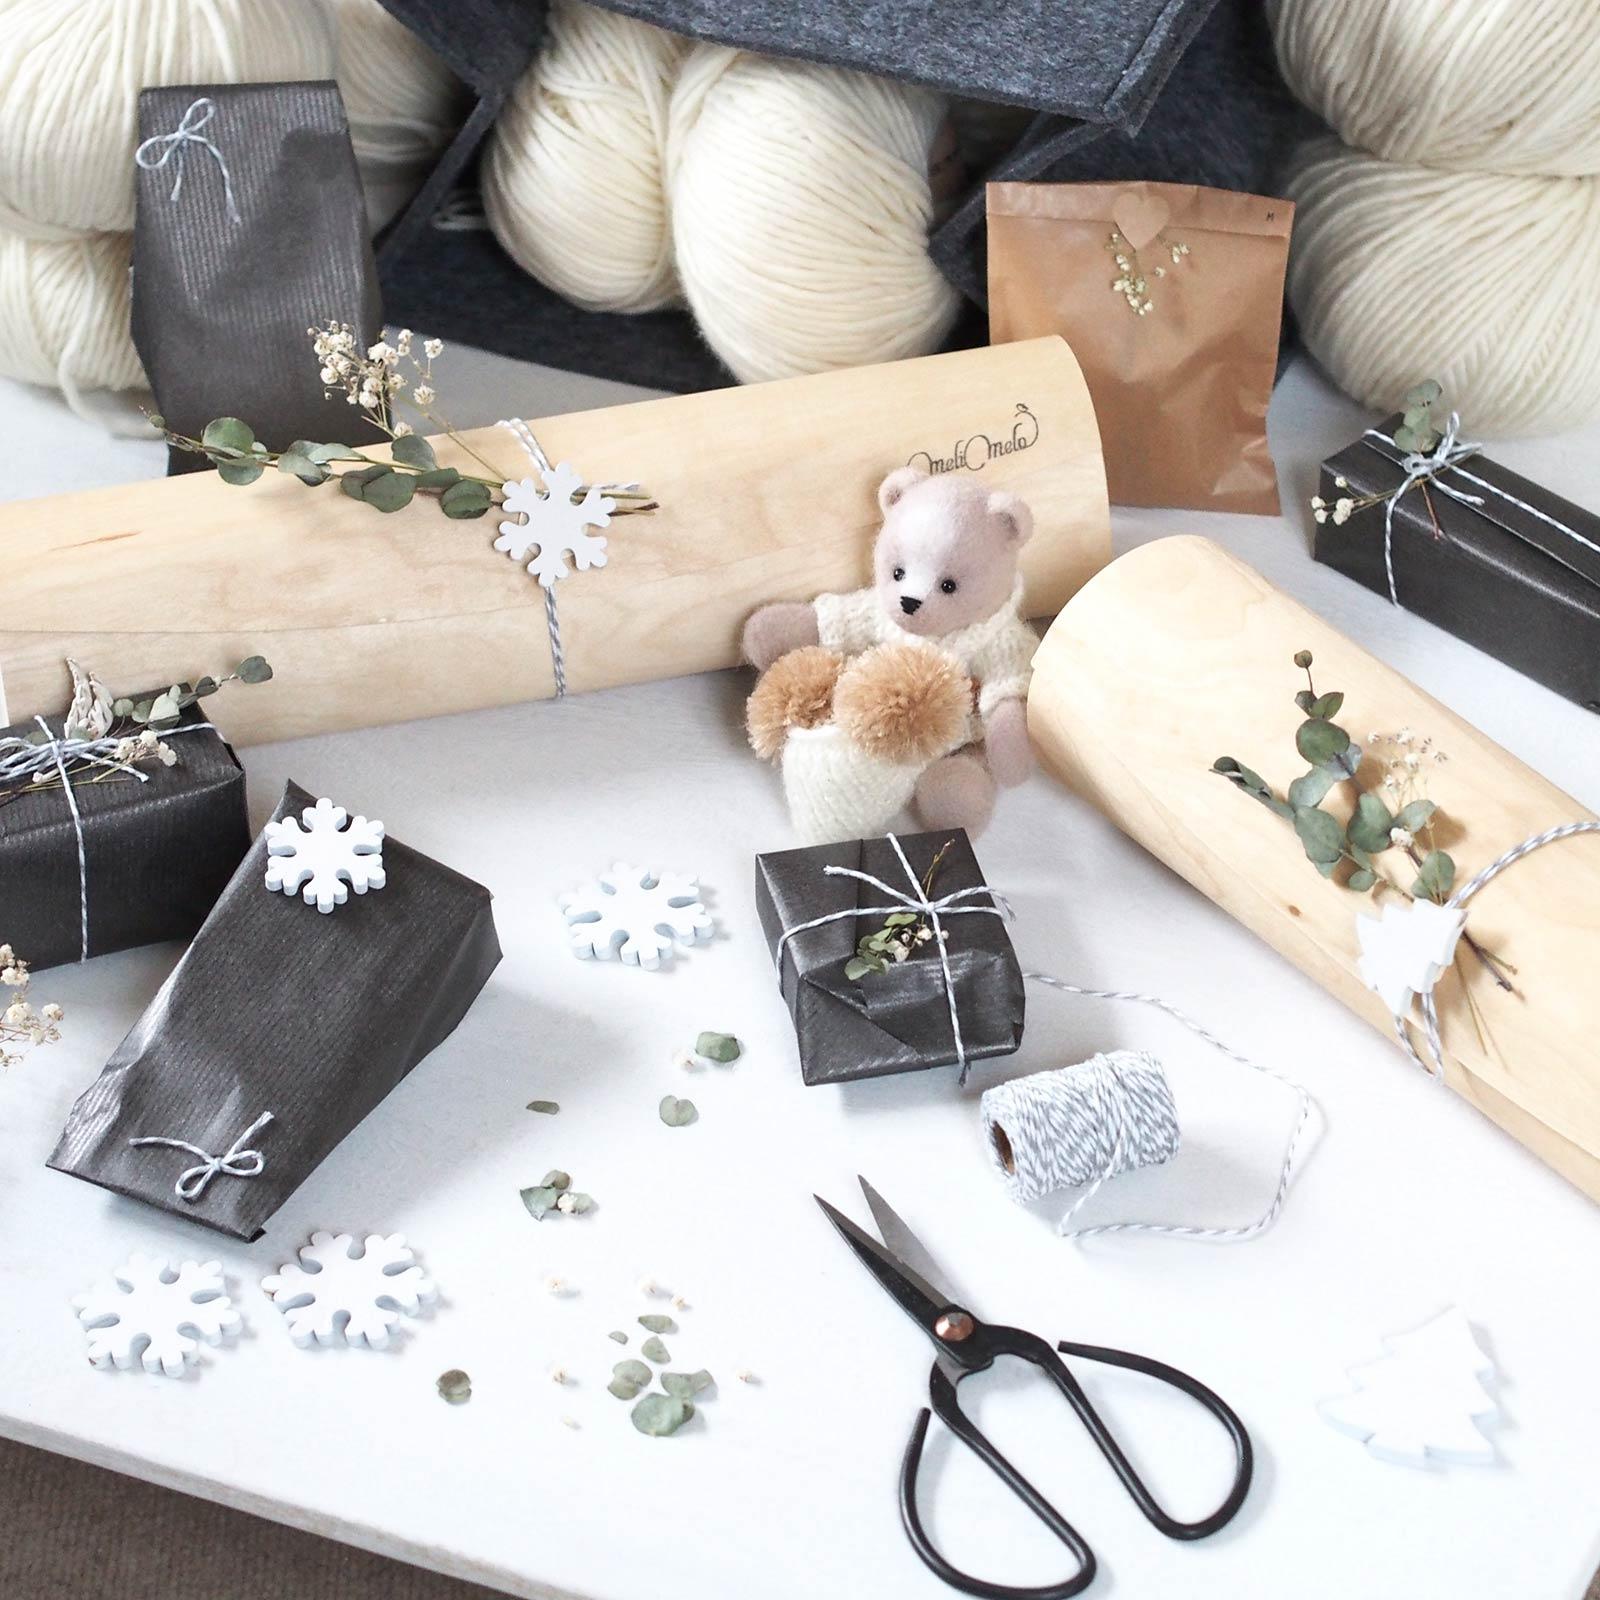 la magie de Noël gifts Merry Christmas bear laboutiquedemelimelo